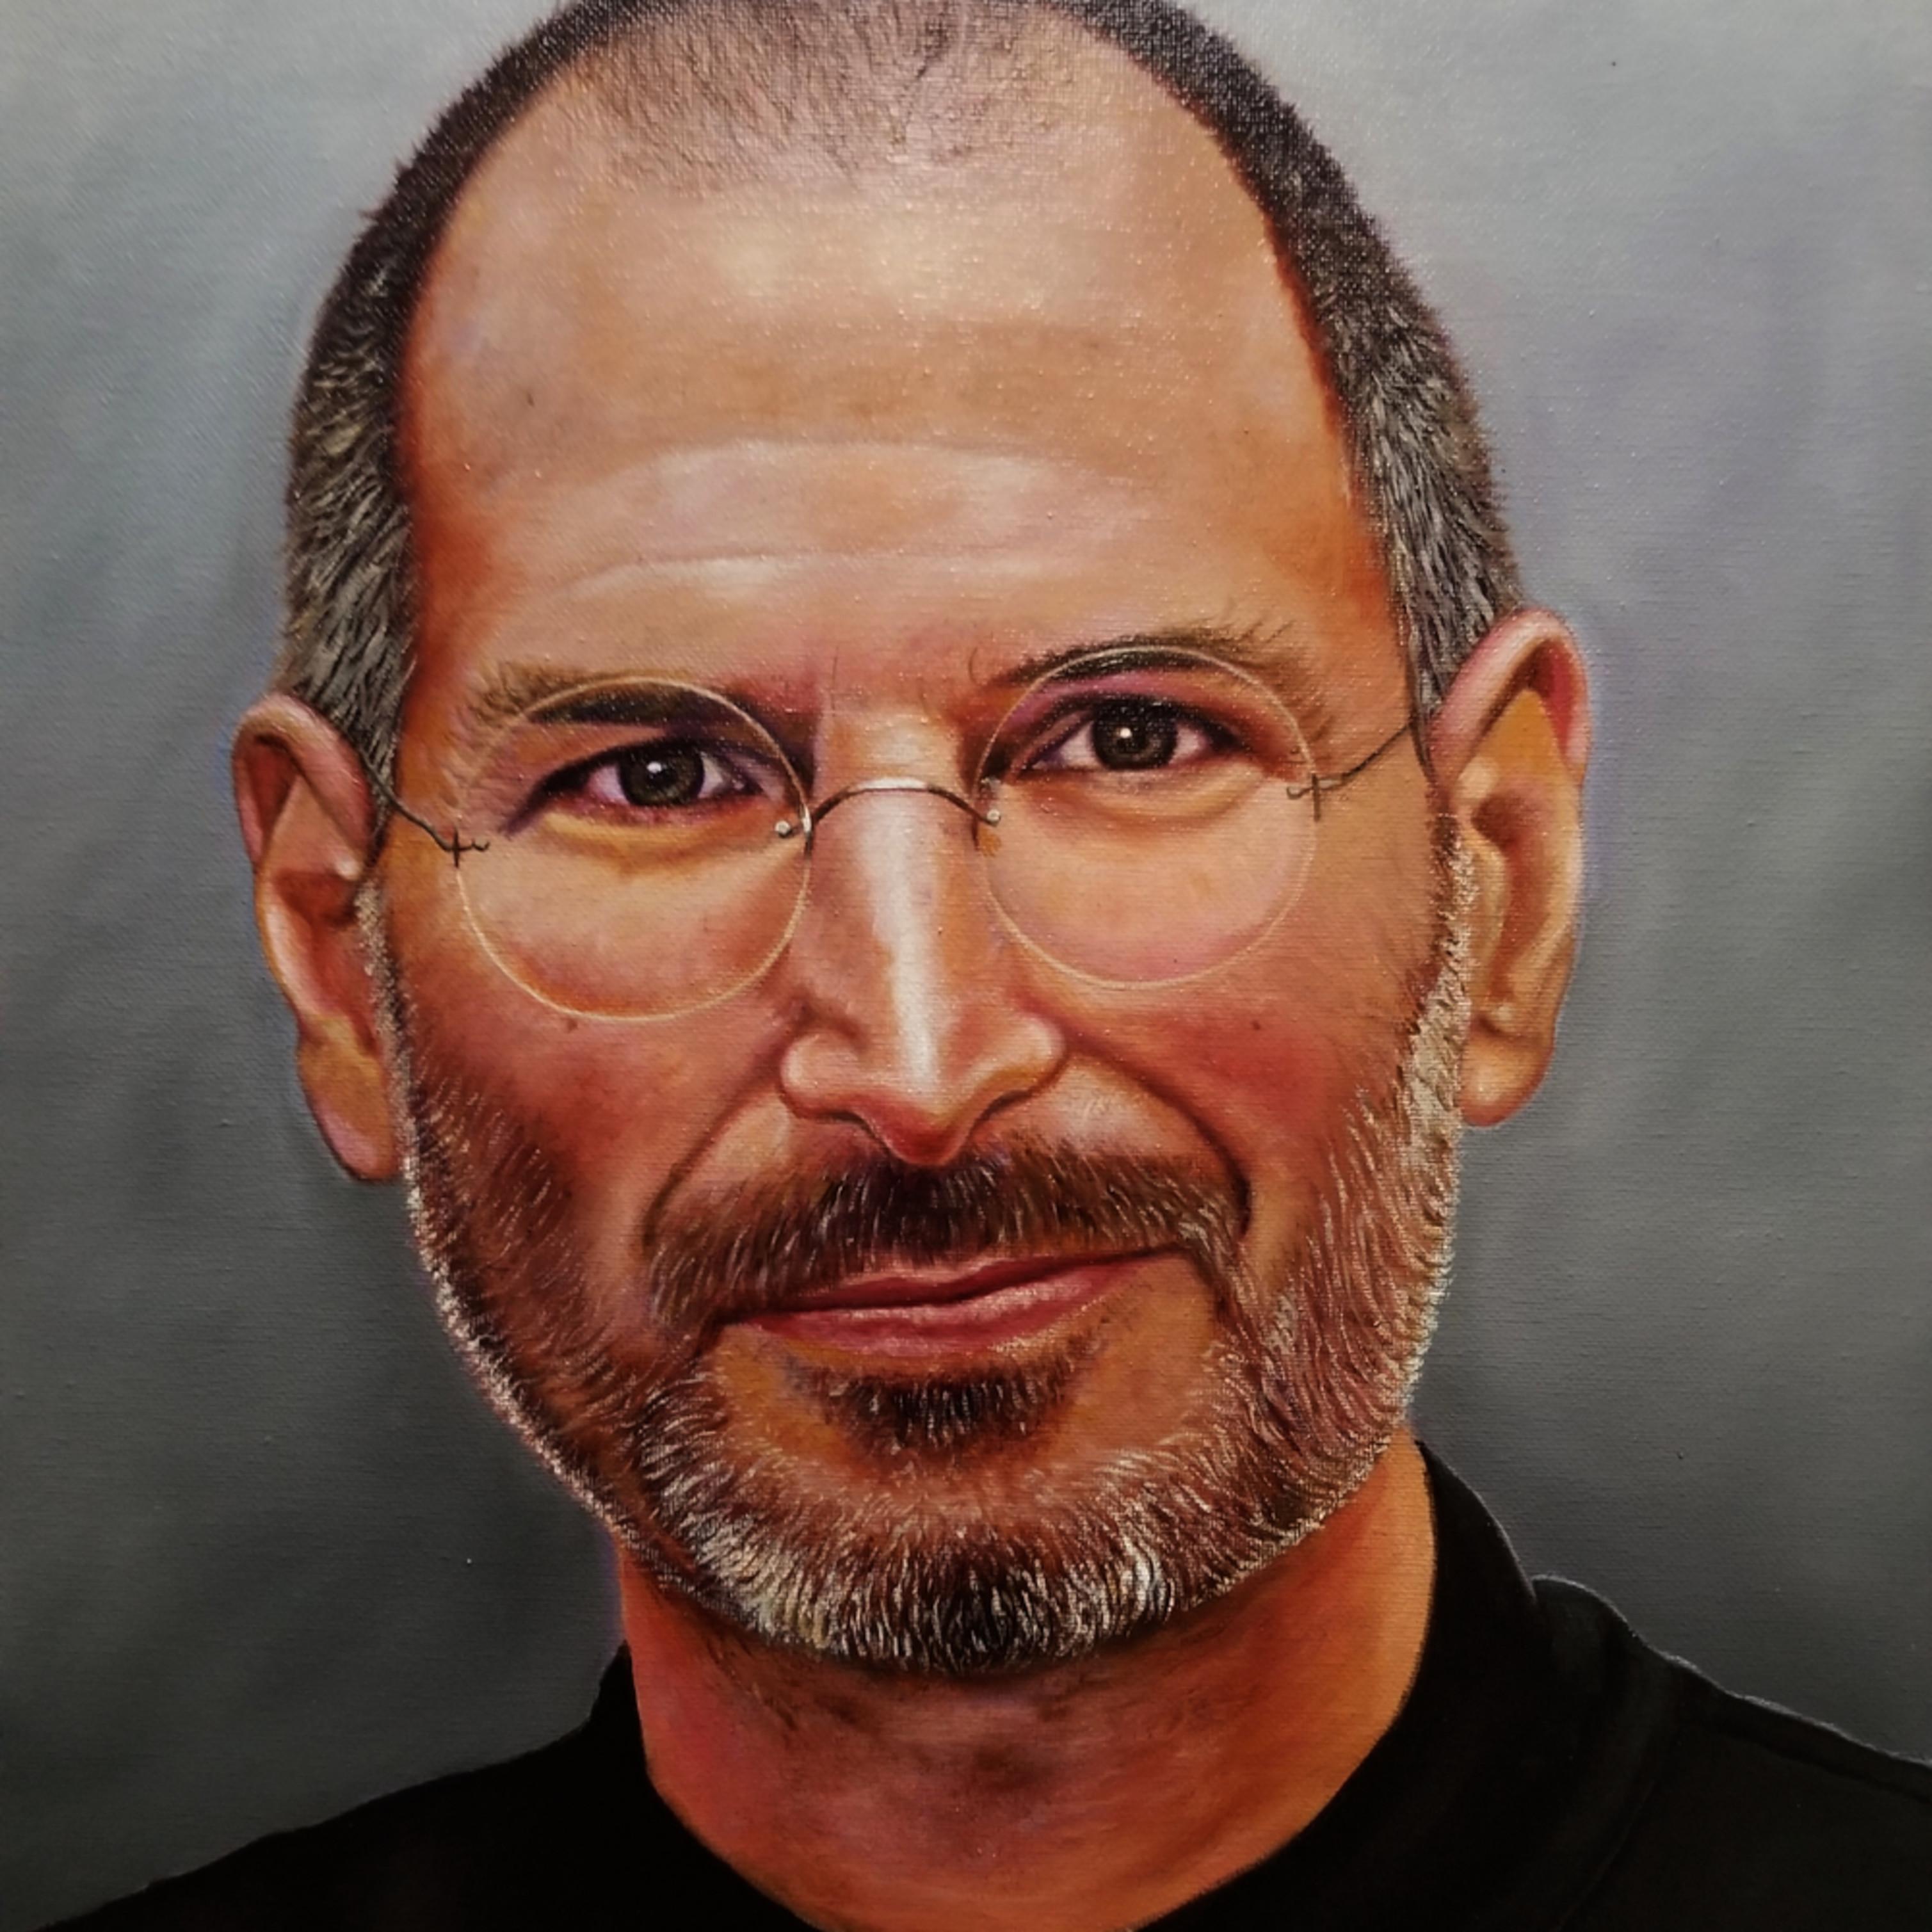 Steve jobs final q3bn9n